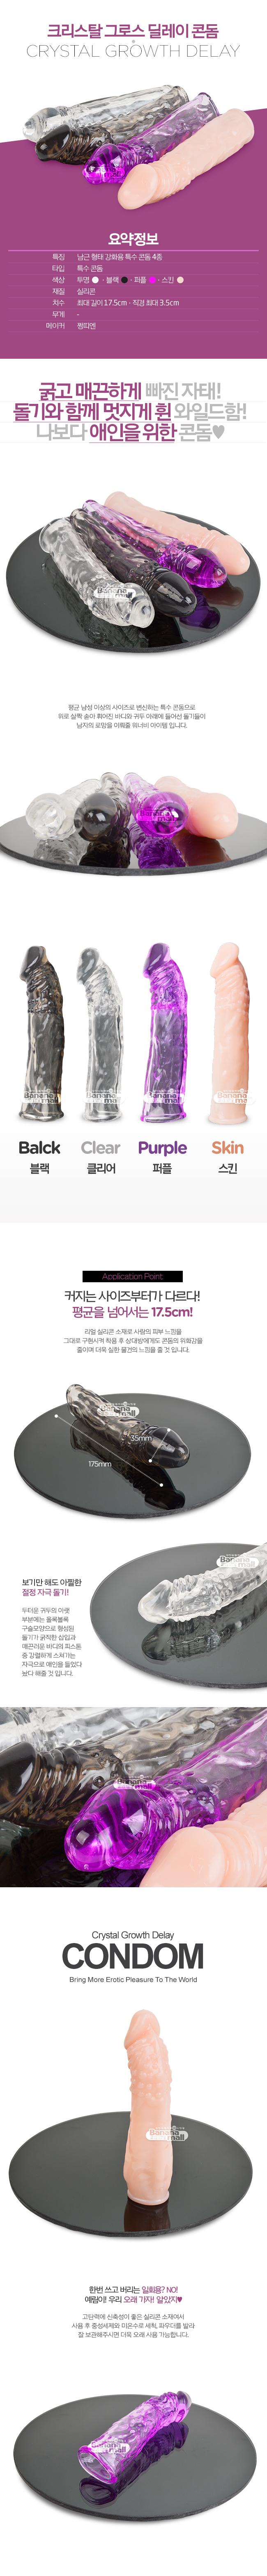 [특수 콘돔] 크리스탈 그로스 딜레이 콘돔(Crystal Growth Delay Condom) - 00432